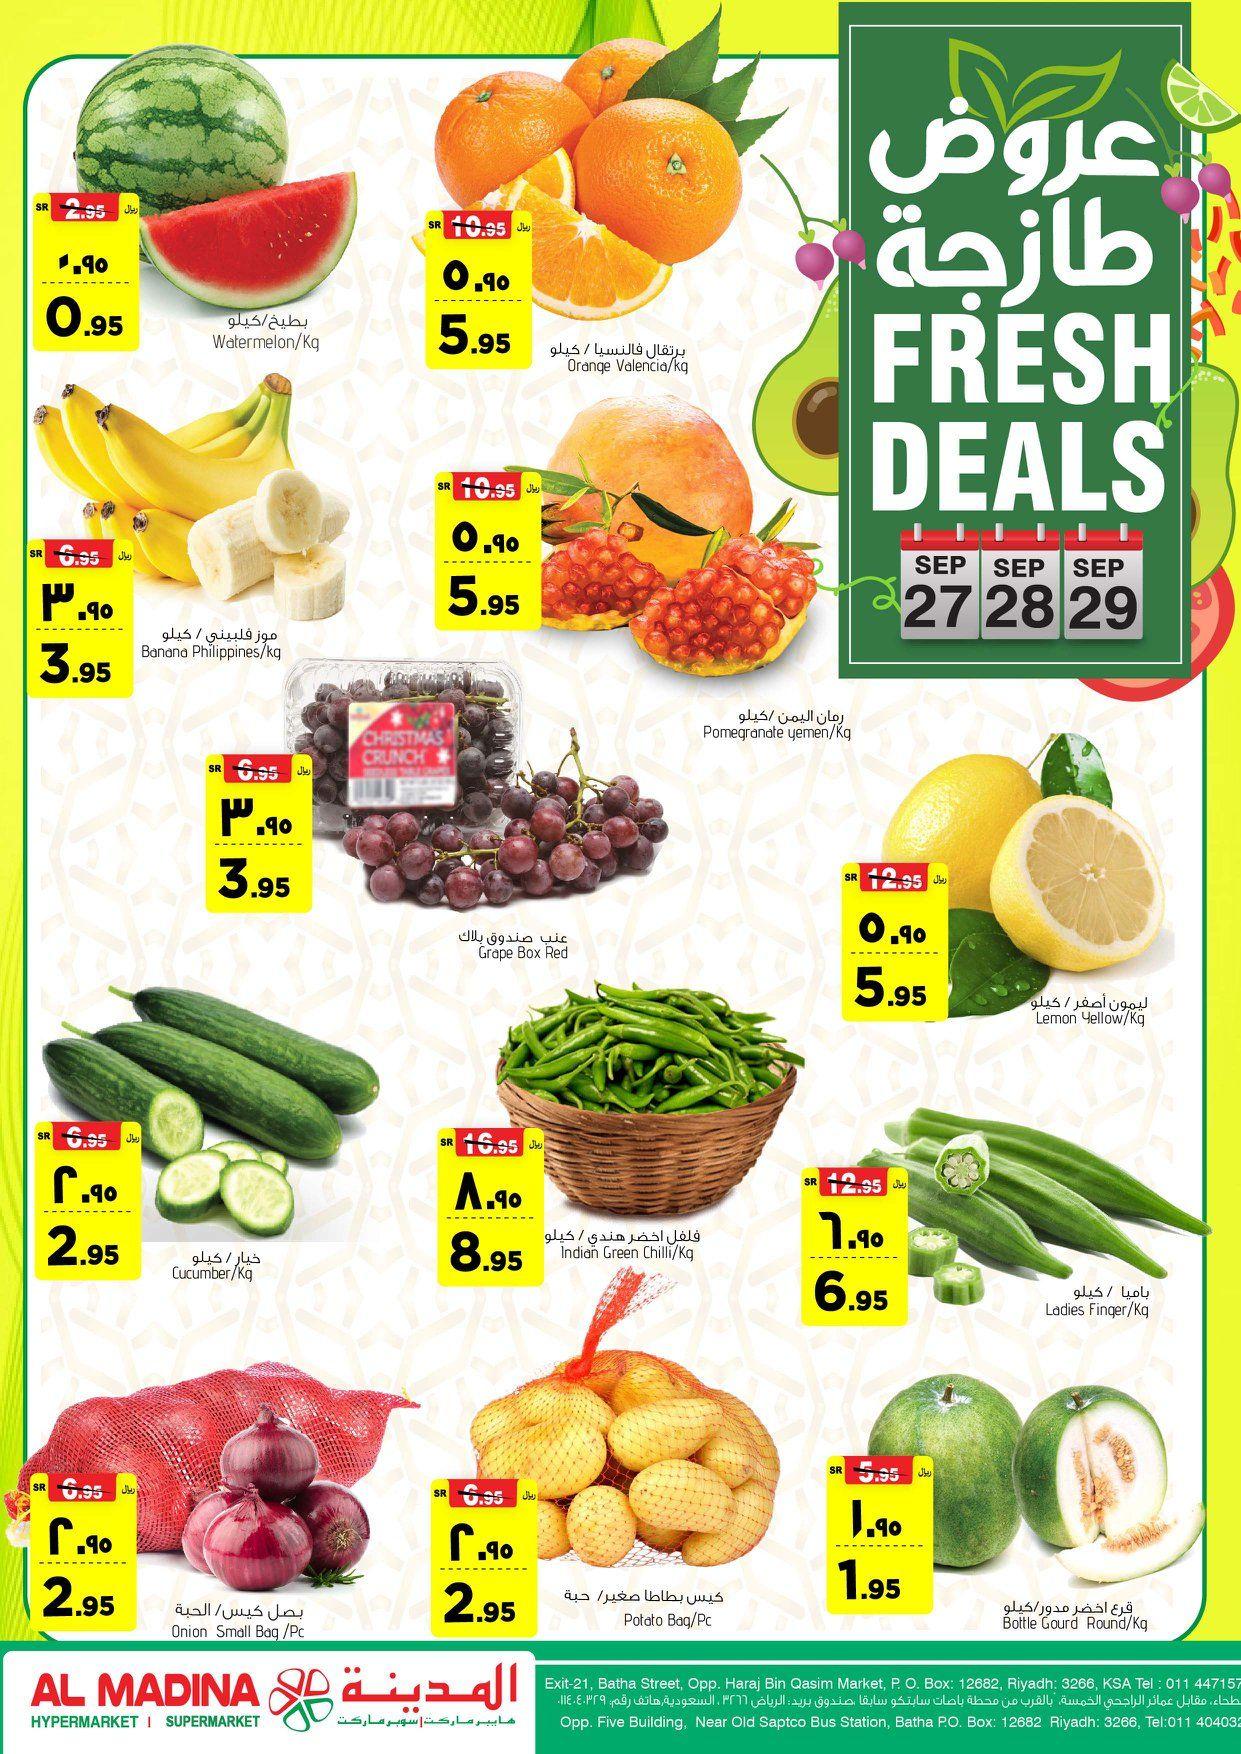 عروض المدينة هايبر ماركت الطازجة اليوم 17 سبتمبر 2020 لمدة 3 ايام Https Www 3orod Today Saudi Arabia Offers Al Madina Hypermarket Tw Green Beans Food Fresh